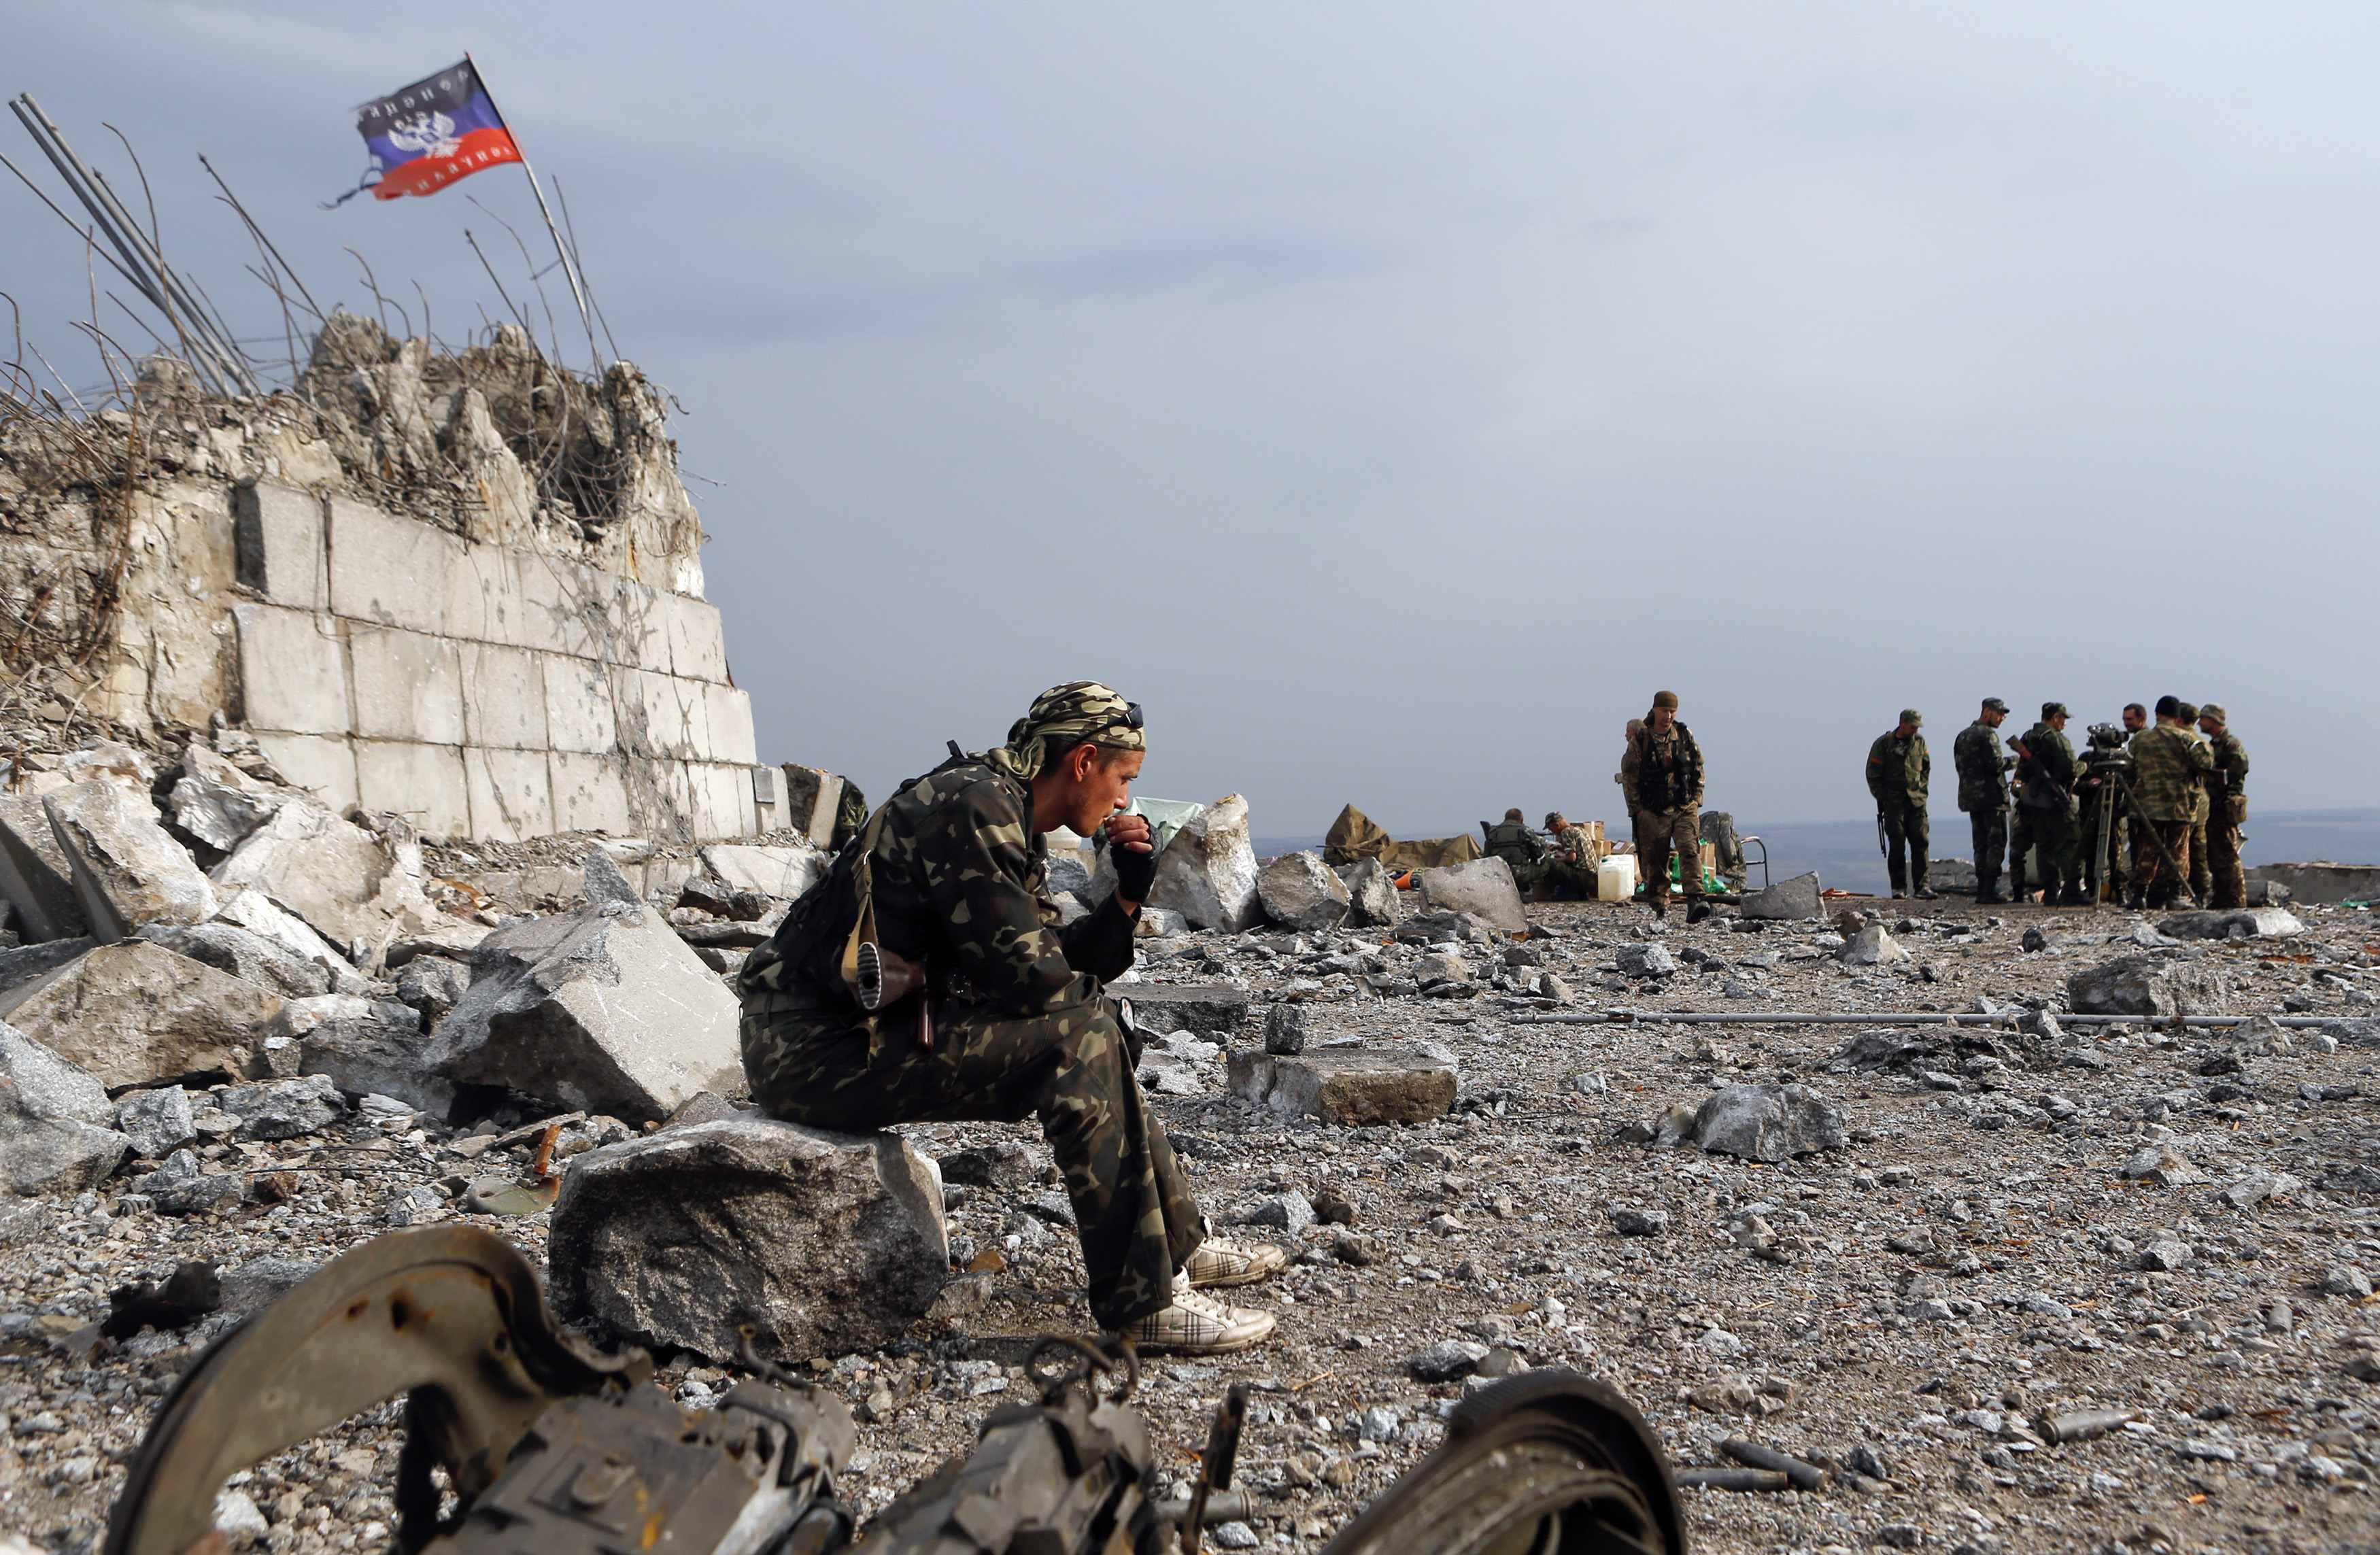 В разведке сообщили, что в среду на Донбассе противник потерял склад с боеприпасами, авто и живую силу